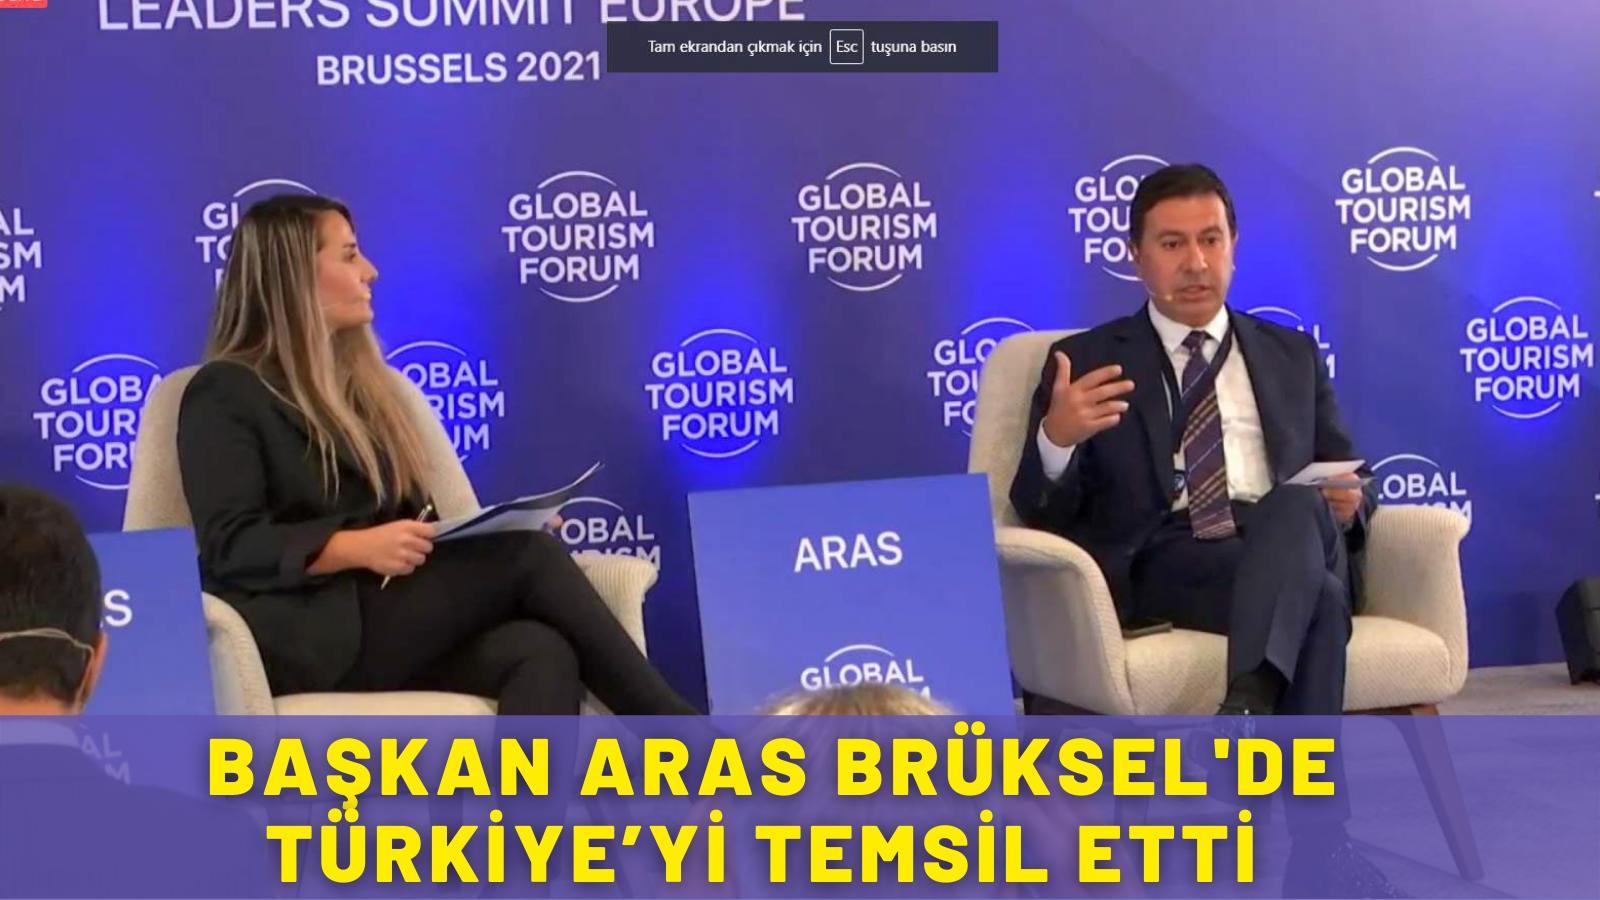 BAŞKAN ARAS BRÜKSEL'DE TÜRKİYE'Yİ TEMSİL ETTİ